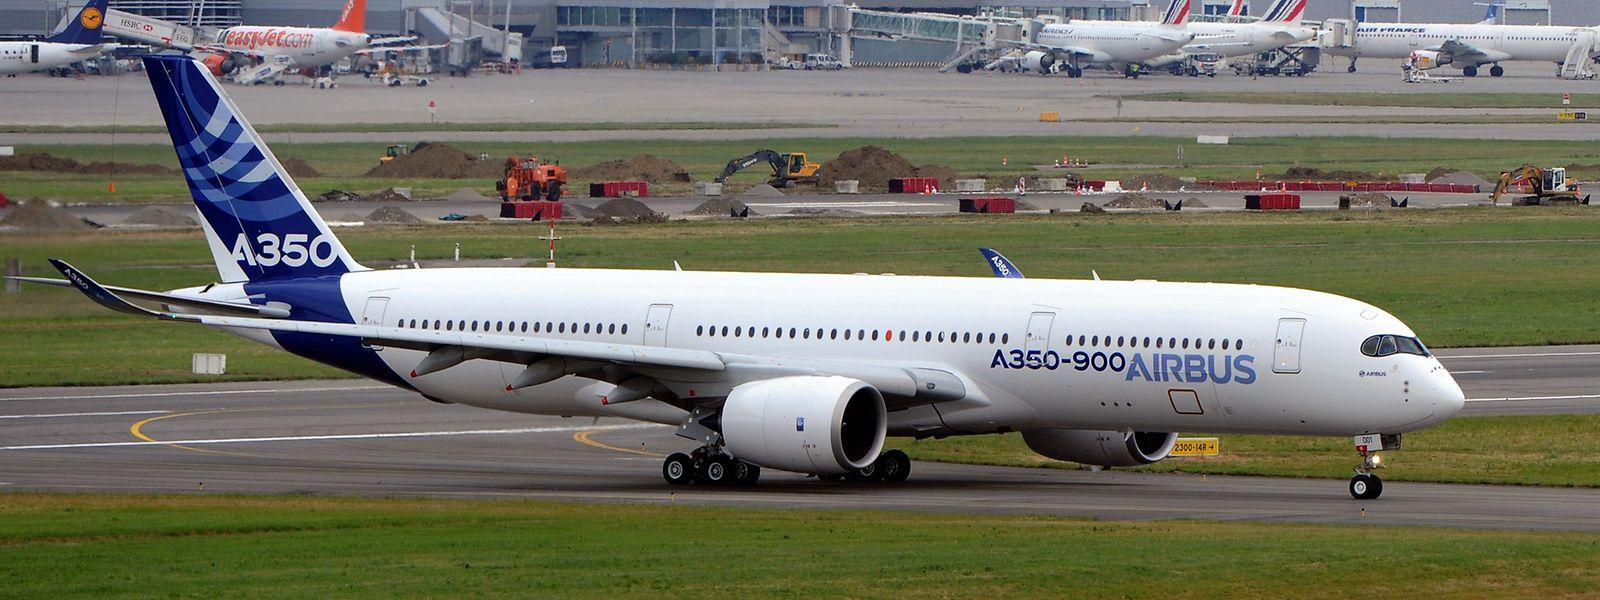 Die A350-900 könnte die Basis des kommenden Airbus-Frachters werden: Sie kann zwar weniger zuladen als die 747 von Boeing, übertrifft diese aber bei Reichweite und verbraucht deutlich weniger Kerosin.